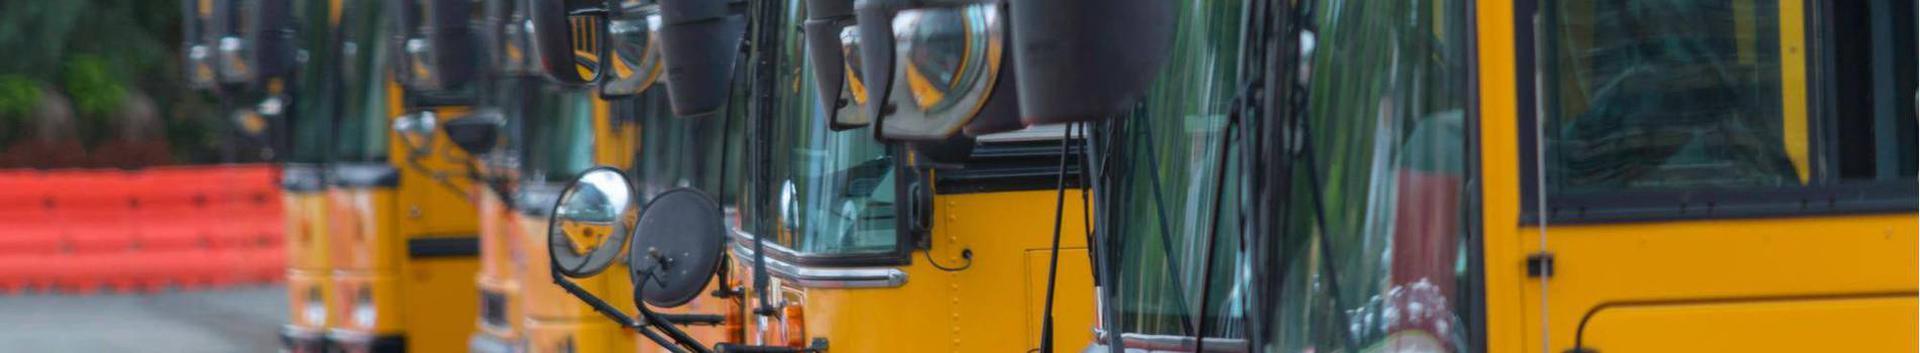 reisijate vedu, transpordi- ja kullerteenused, transporditeenused, logistika, Sõitjatevedu